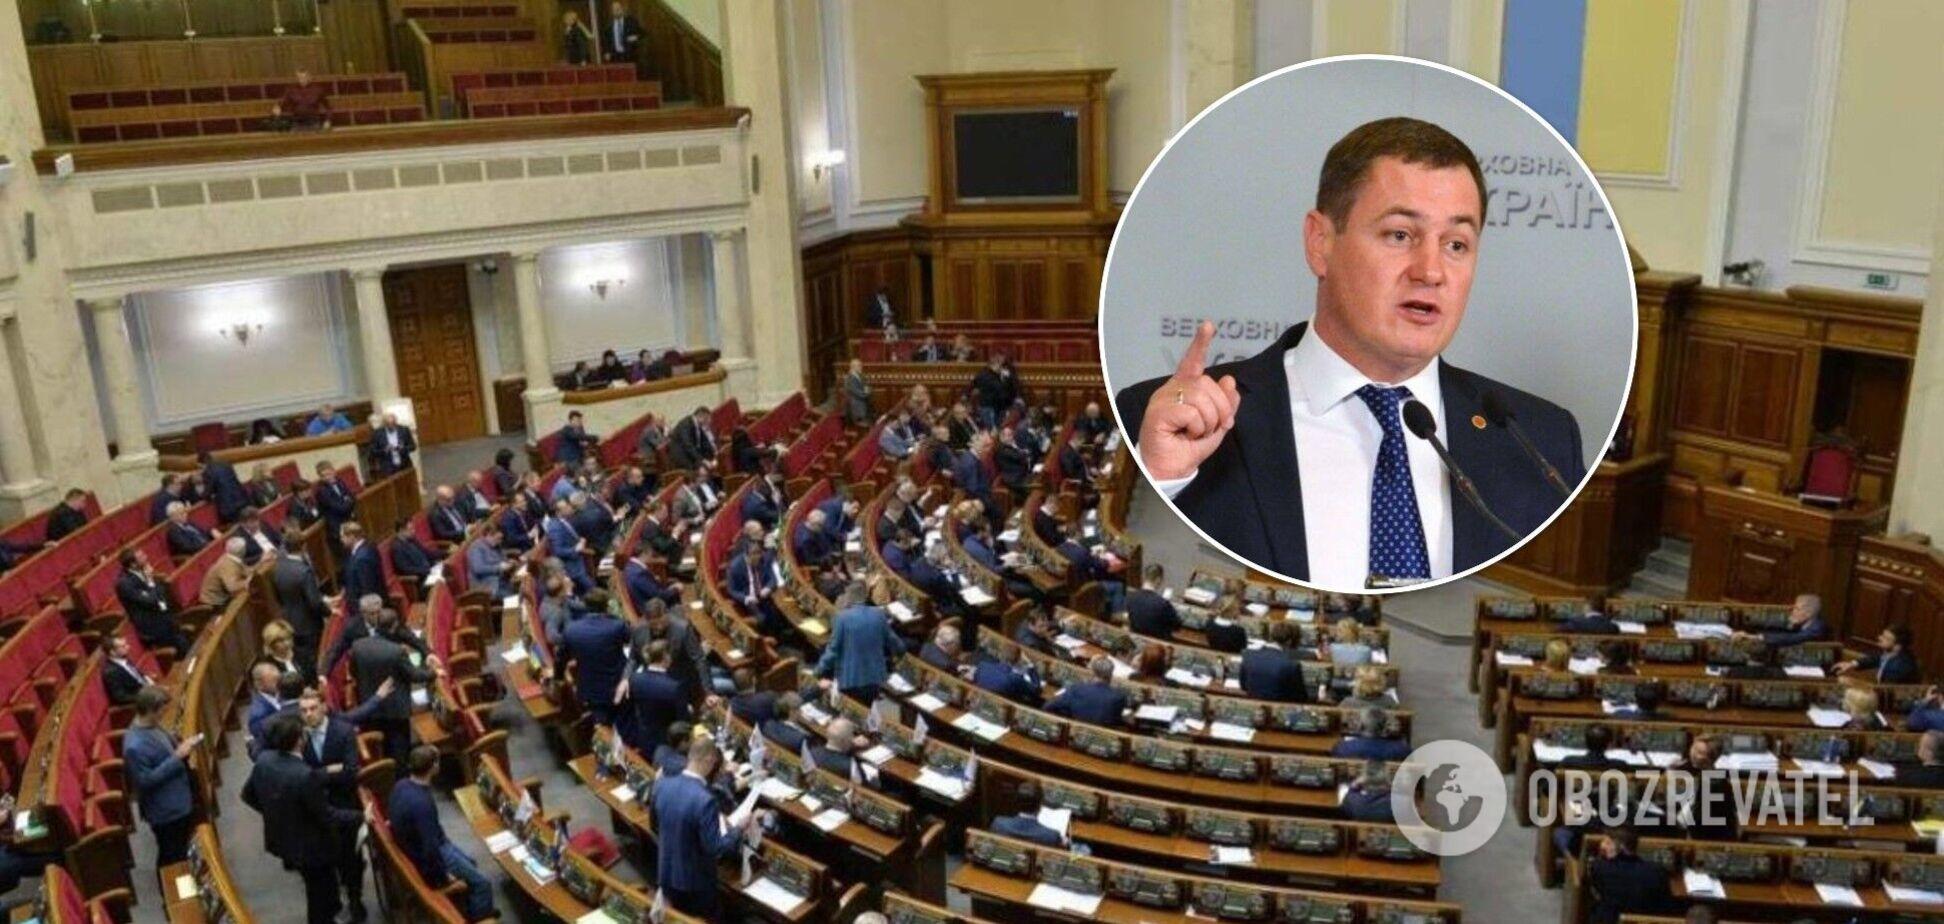 Украинские педагоги смогут вовремя получить зарплату и отпускные благодаря усилиям 'Батькивщины'